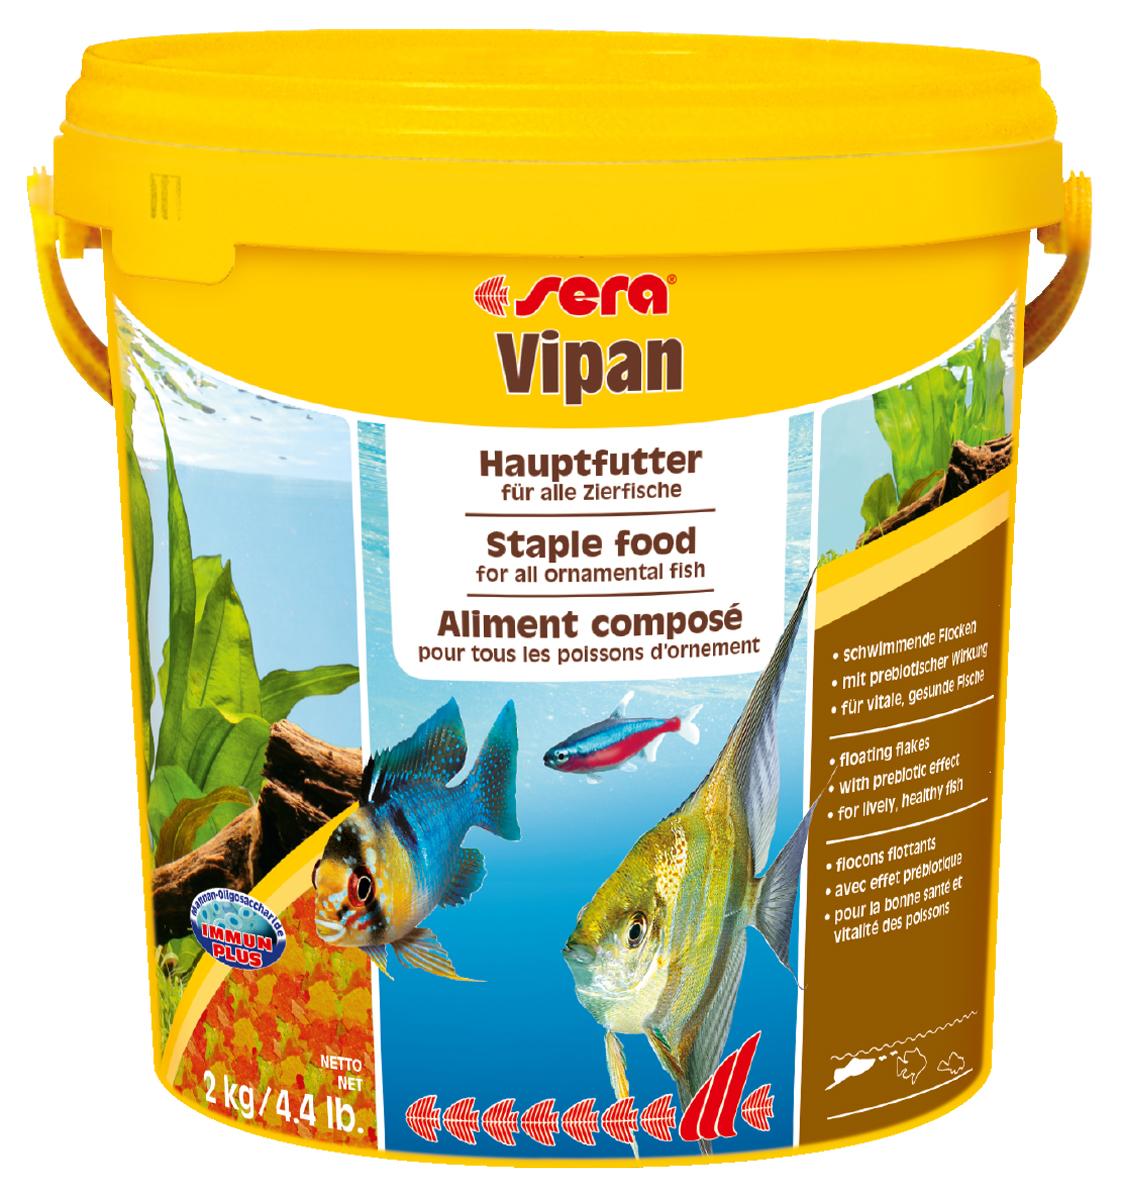 Корм для рыб Sera Vipan, крупные хлопья, 10 л (2 кг)0120710Корм для рыб Sera Vipan - хорошо сбалансированный основной корм в виде крупных хлопьев, содержащий более 40 ингредиентов. Идеально подходит для ежедневного кормления всех декоративных рыб в общих аквариумах. Сбалансированный состав удовлетворяет потребности множества видов. Бережная обработка гарантирует сохранение ценных ингредиентов (например, жирных кислот Омега, витаминов и минералов). Белки и другие питательные вещества делают этот корм высокопитательным и легко перевариваемым рыбами. Формула Vital-Immun-Protect гарантирует вашим рыбам прекрасное здоровье, укрепление иммунитета и обилие жизненных сил. Специальный метод приготовления позволяет хлопьям сохранять свою форму в течение длительного времени, не загрязняя воду. Хлопья в то же время очень нежны и поэтому охотно поедаются рыбой. Ингредиенты: рыбная мука, пшеничная мука, пивные дрожжи, казеинат кальция, гаммарус, яичный порошок, рыбий жир, маннанолигосахарид (MOS 0,4%), спирулина, травы, люцерна, крапива, мука из зеленых губчатых моллюсков, водоросли, зелень петрушки, перец, шпинат, чеснок, морковь, красители, разрешенные в ЕС. Аналитический состав: протеины 46,2%, жиры 8,9%, клетчатка 2,3%, зола 11,9%, влажность 6,7%. Витамины и провитамины на кг: витамин А 37000МЕ, витамин В1 35 мг, витамин В2 90 мг, витамин С 550 мг, витамин D3 1800МЕ, витамин Е 120 мг. Товар сертифицирован.